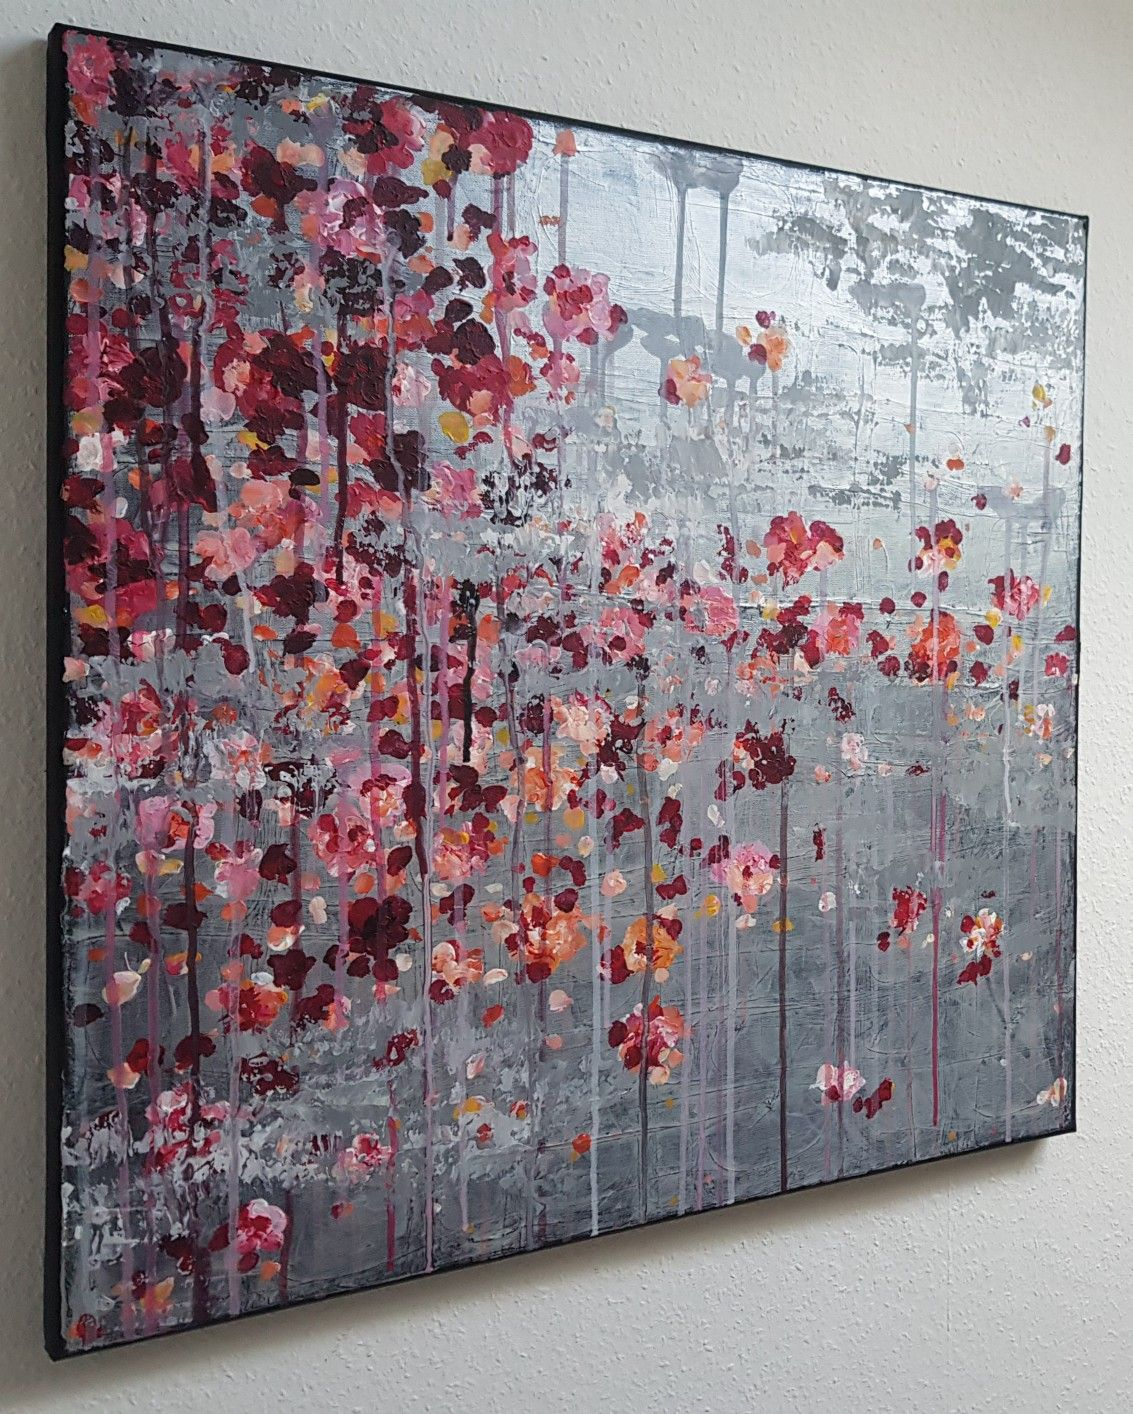 Db Flowers Acrylic 60x60 Malerei Auf Spachteltechnik Gold Acrylmalerei Abstrakt Abstrakte Malerei Acryl Abstrakte Malerei